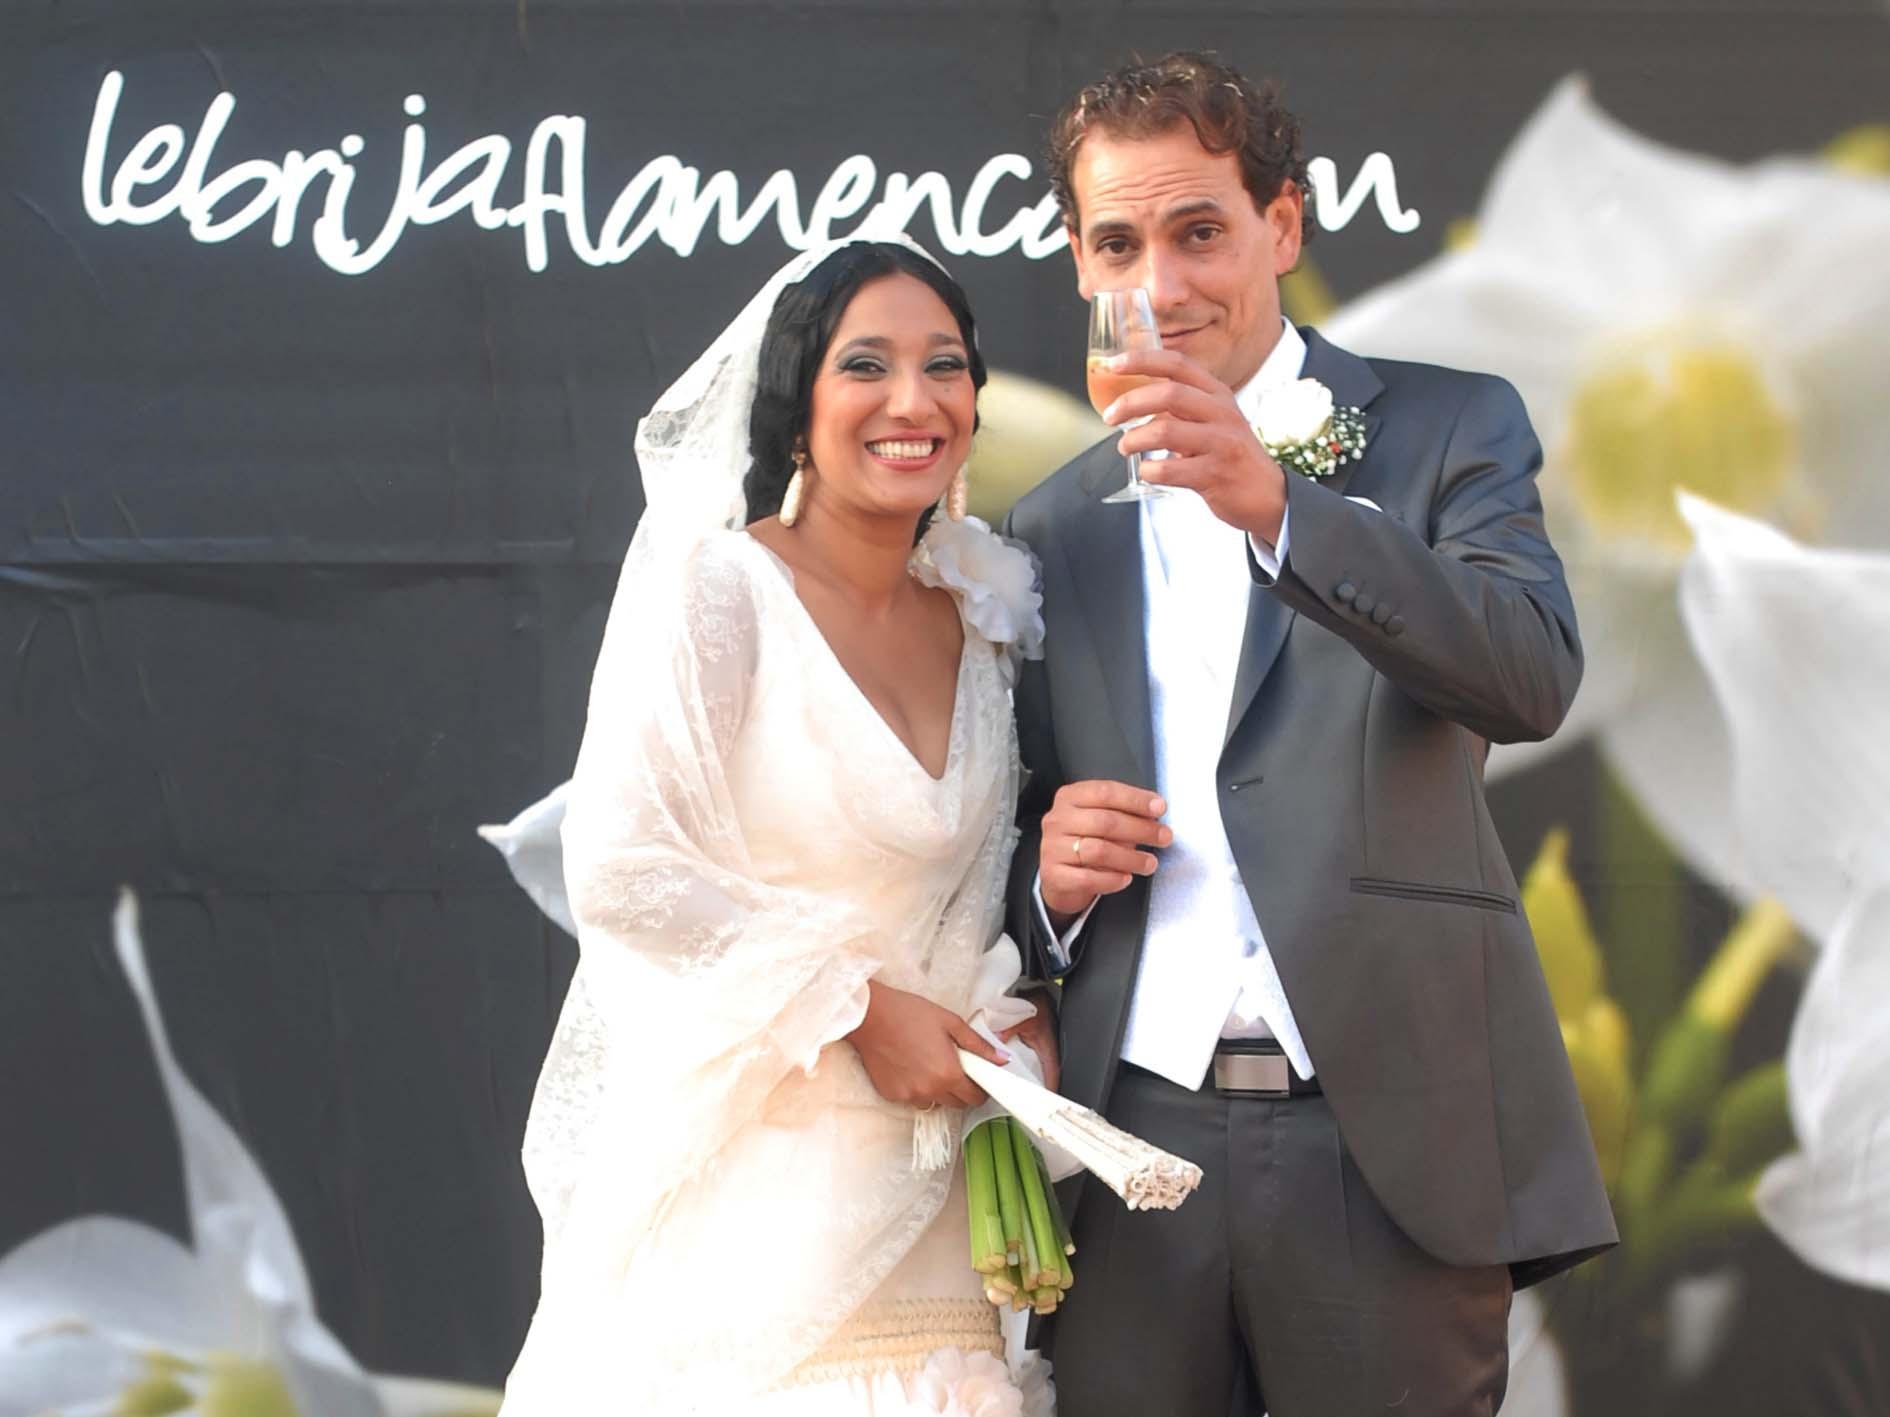 Fotocol para bodas fotocol para bodas fotocol para boda for Fotocol de bodas